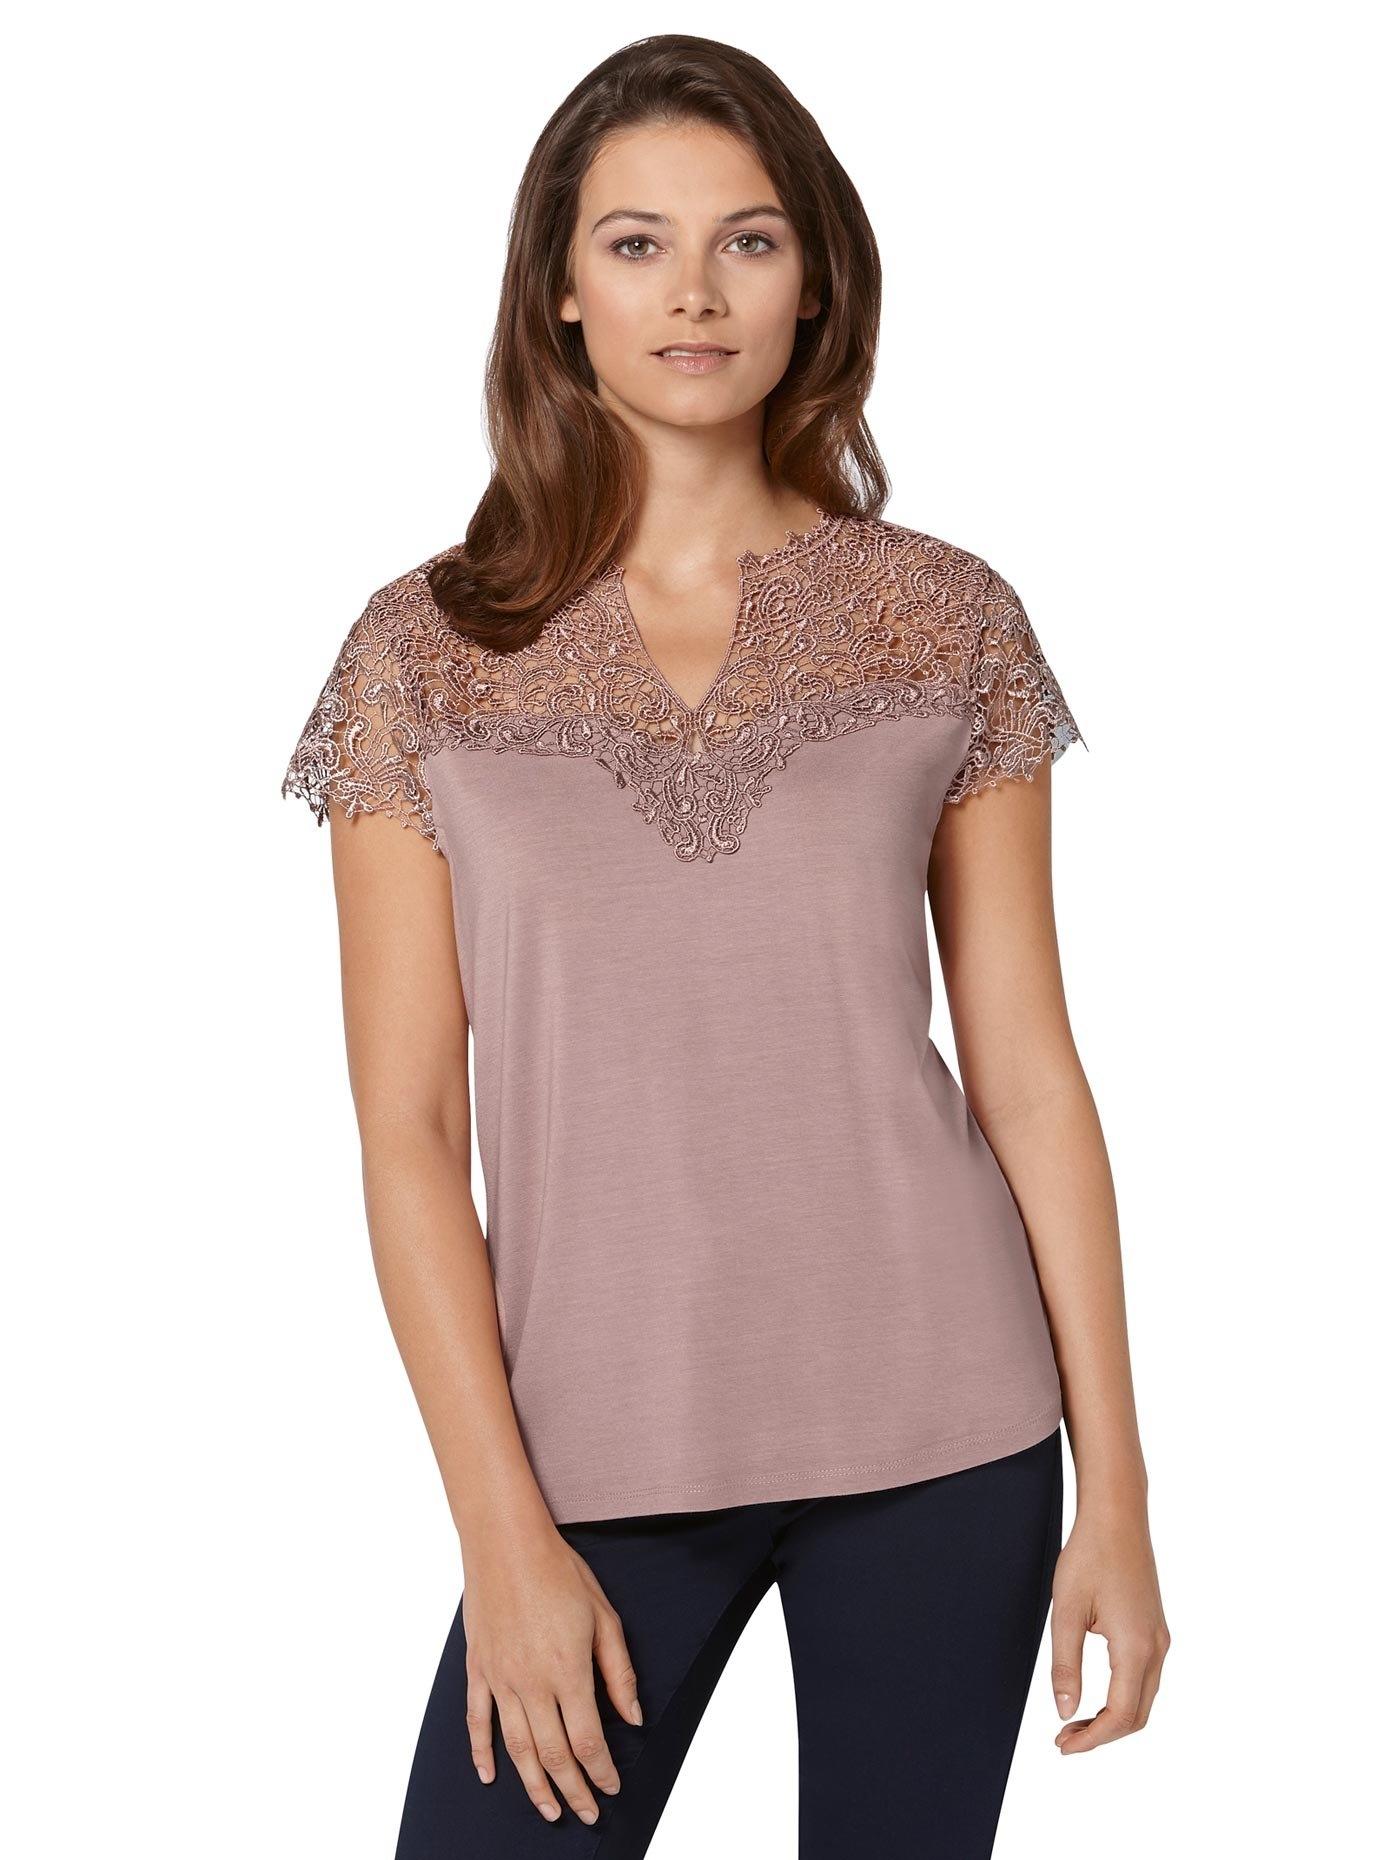 Alessa W. kanten shirt bestellen: 30 dagen bedenktijd